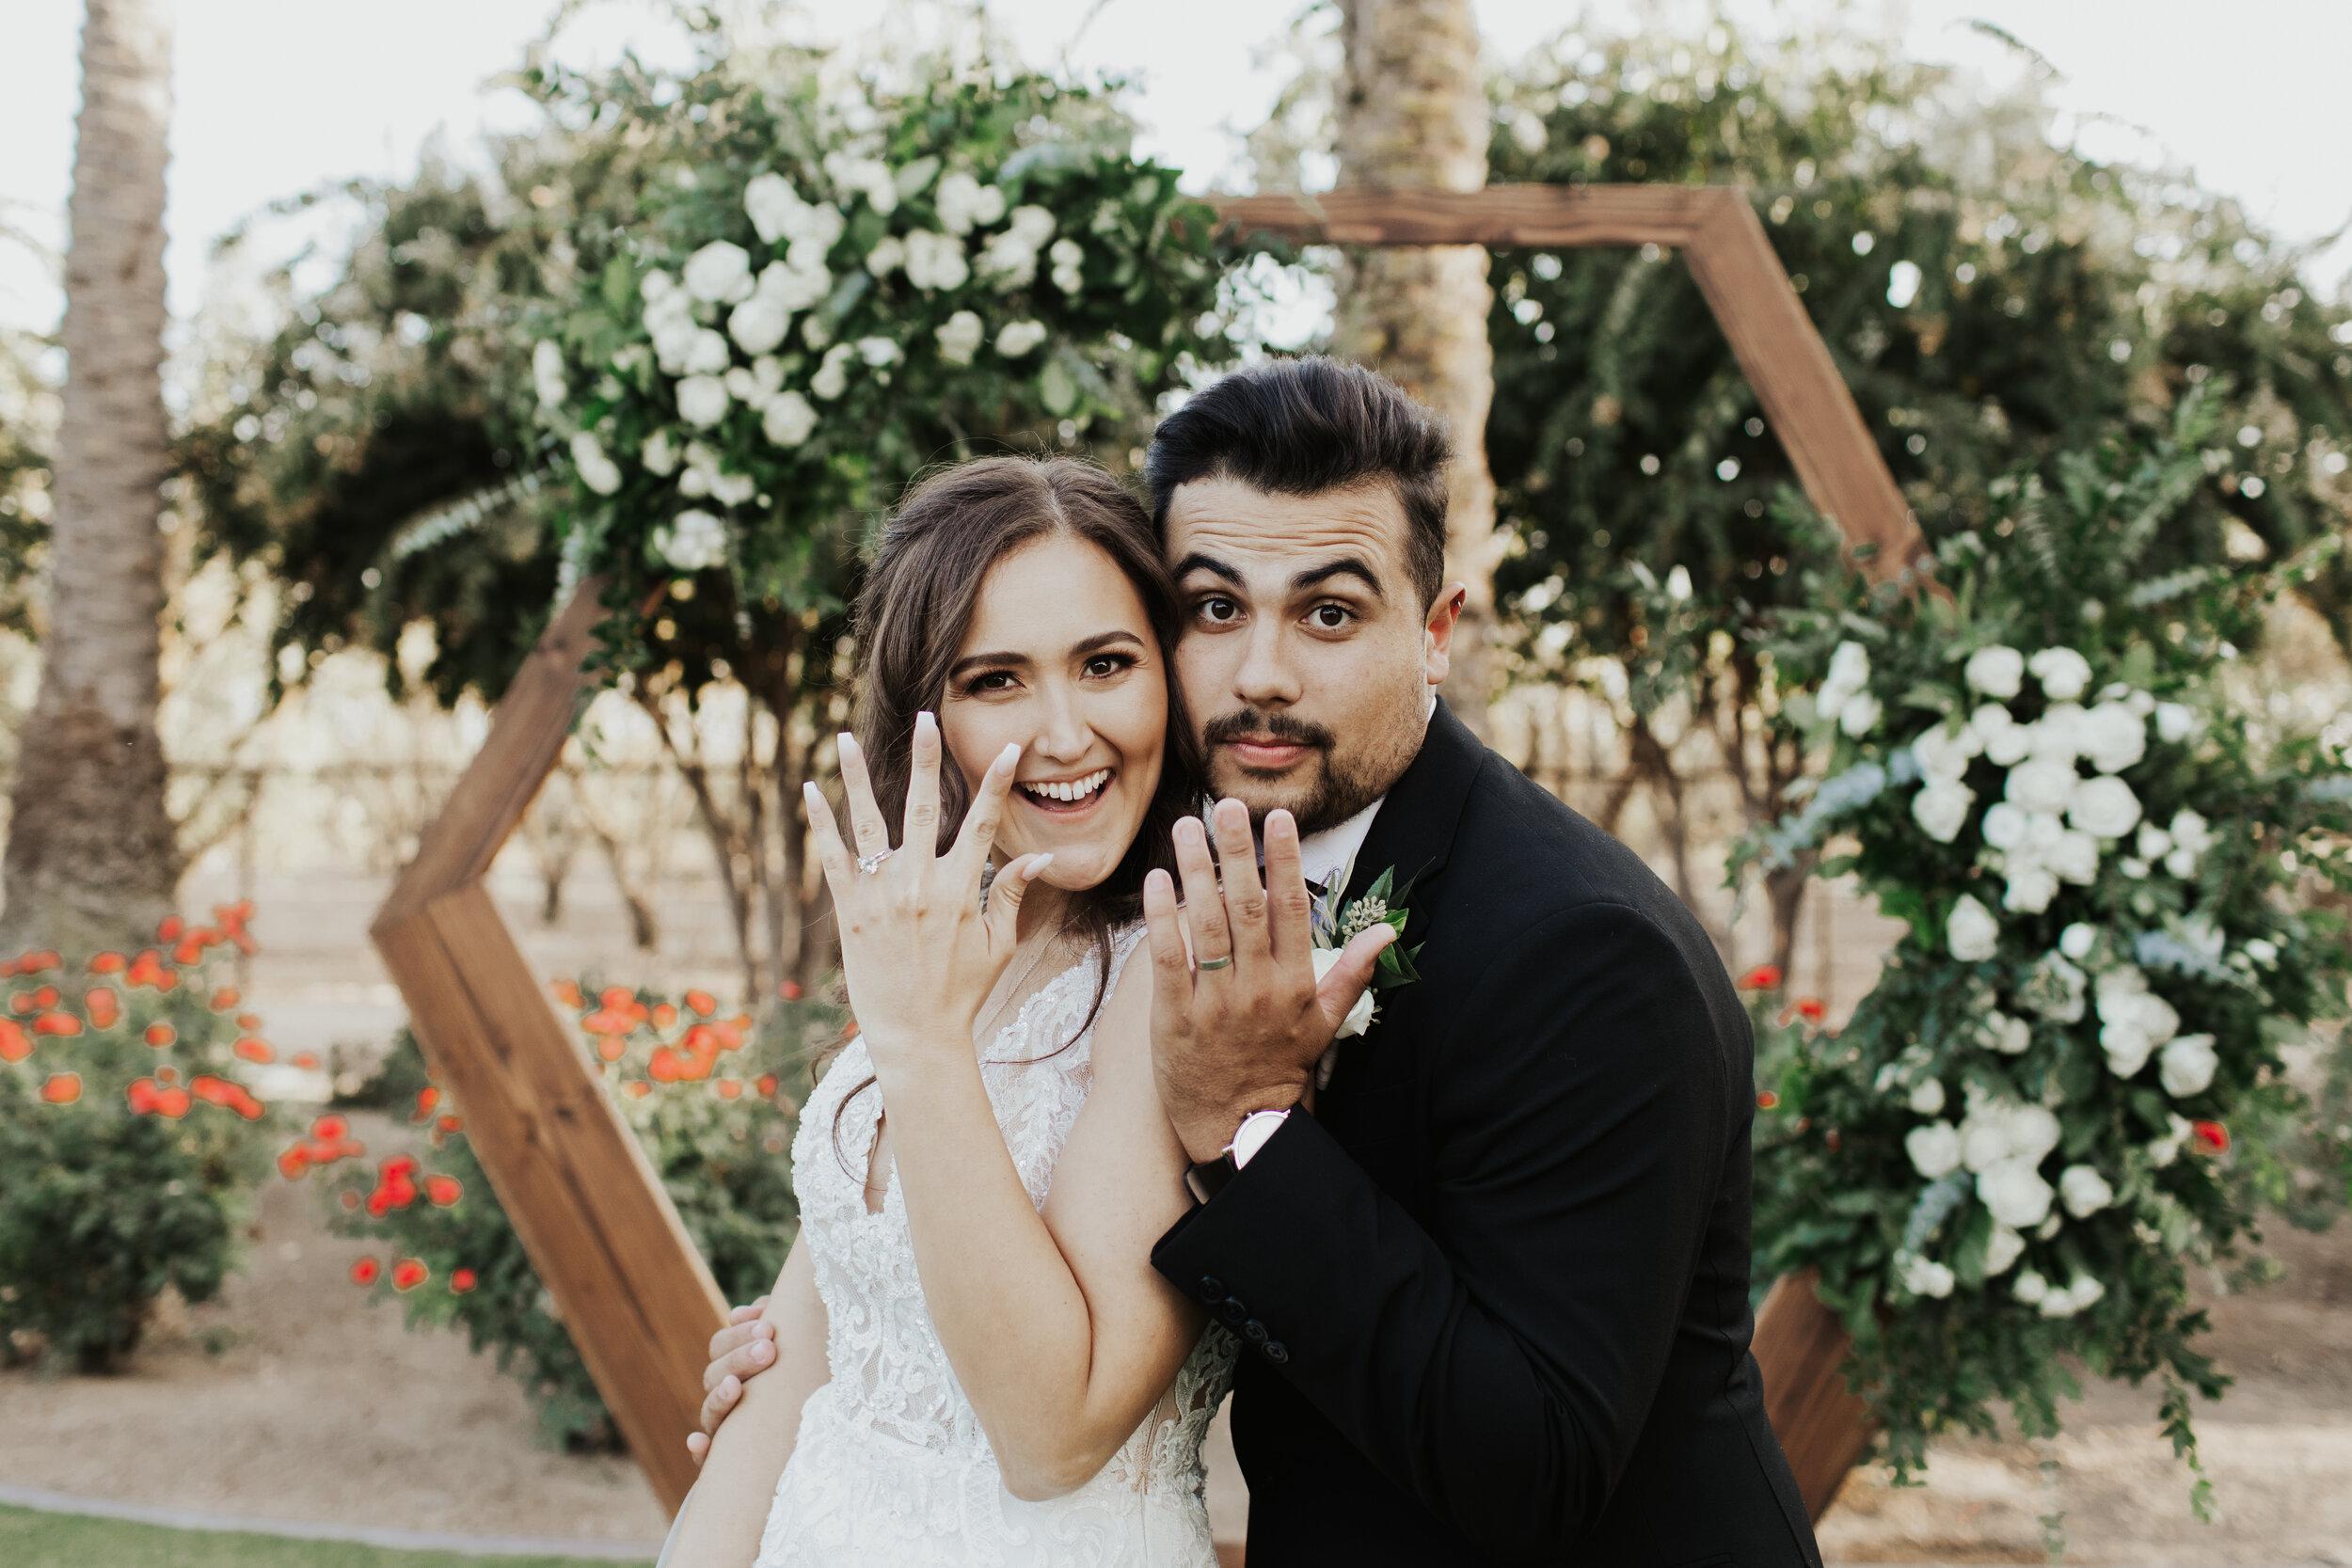 Emilee-Michael-Wedding-Tuscan-Gardens-Kingsburg-Central-Valley-California-SNEAK-PEEK-69.jpg